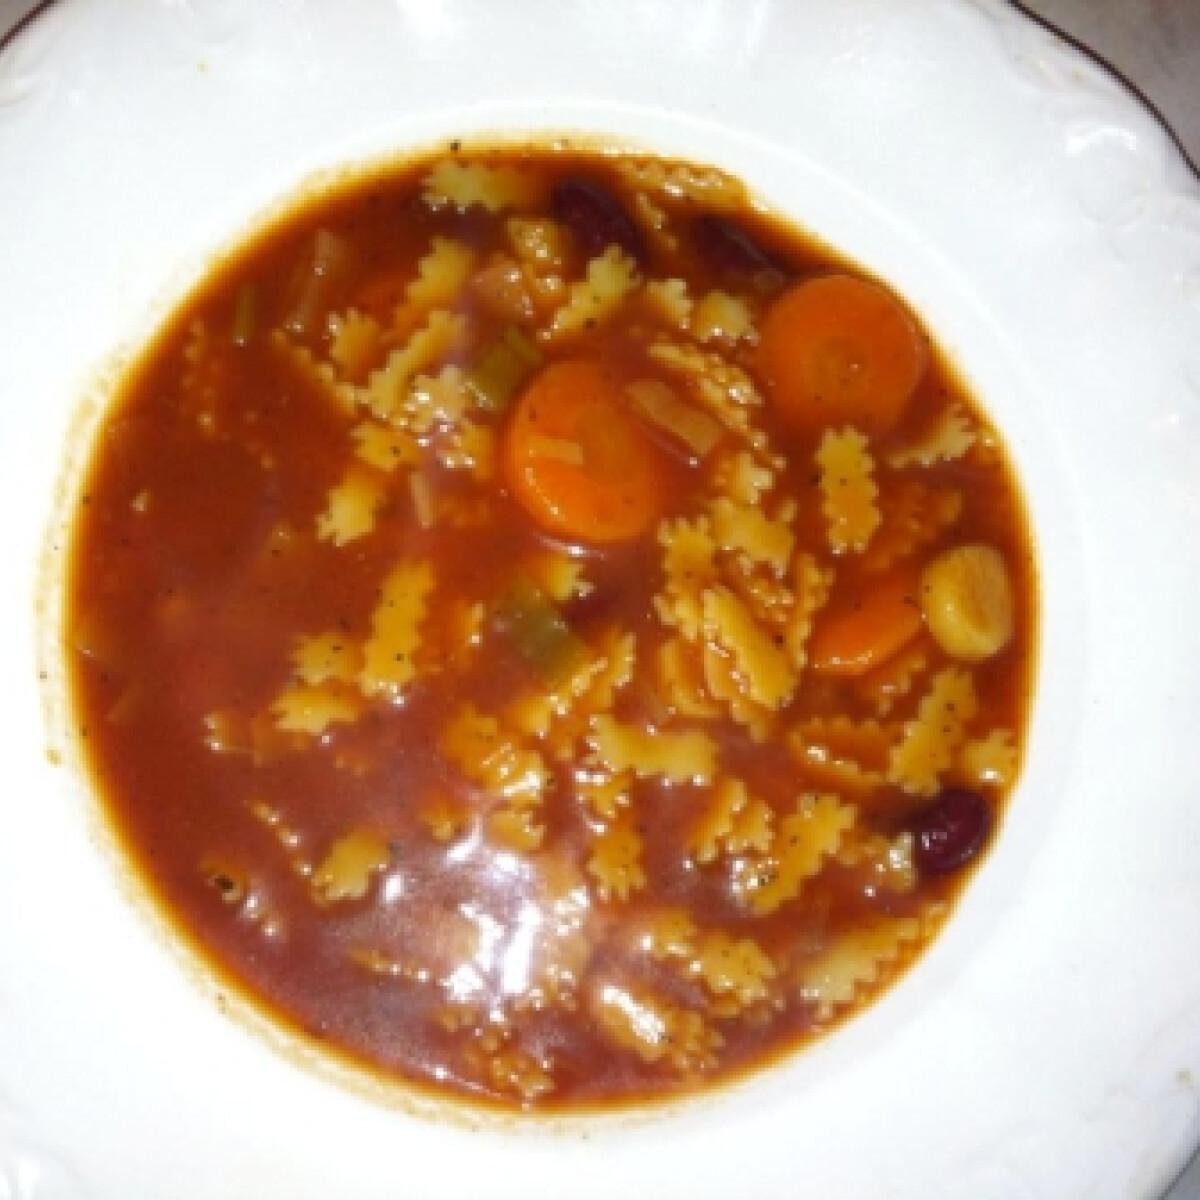 Ezen a képen: Minestrone leves ahogy Linda készíti